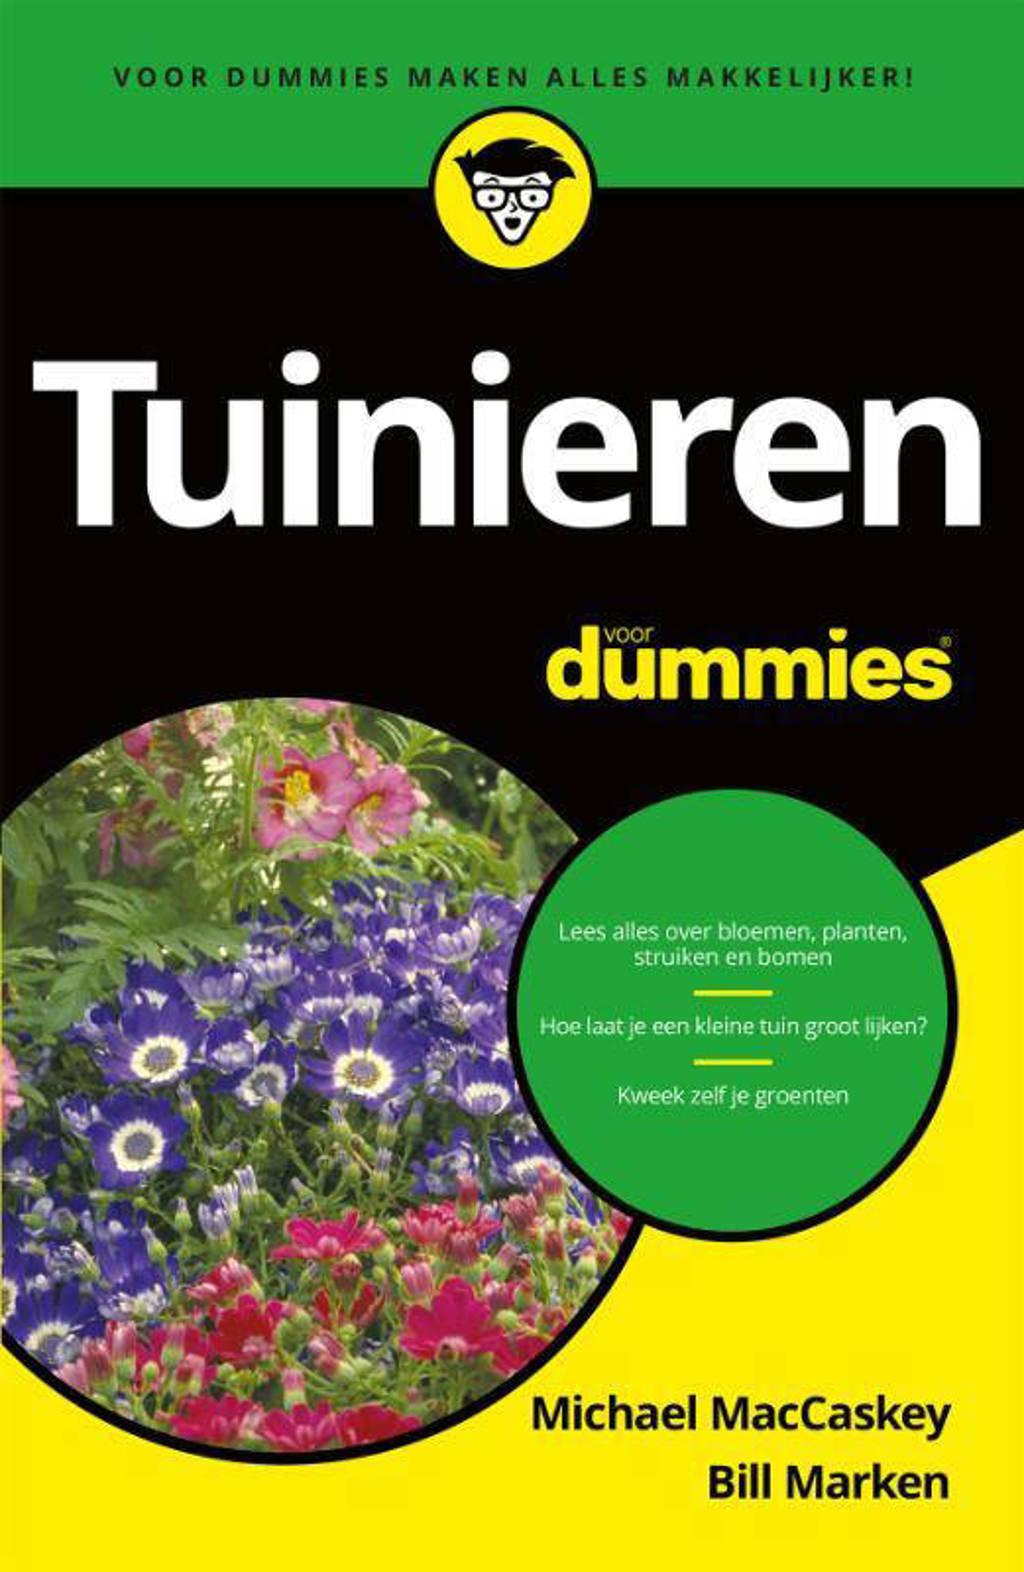 Voor Dummies: Tuinieren voor dummies - Michael MacCaskey, Bill Marken en